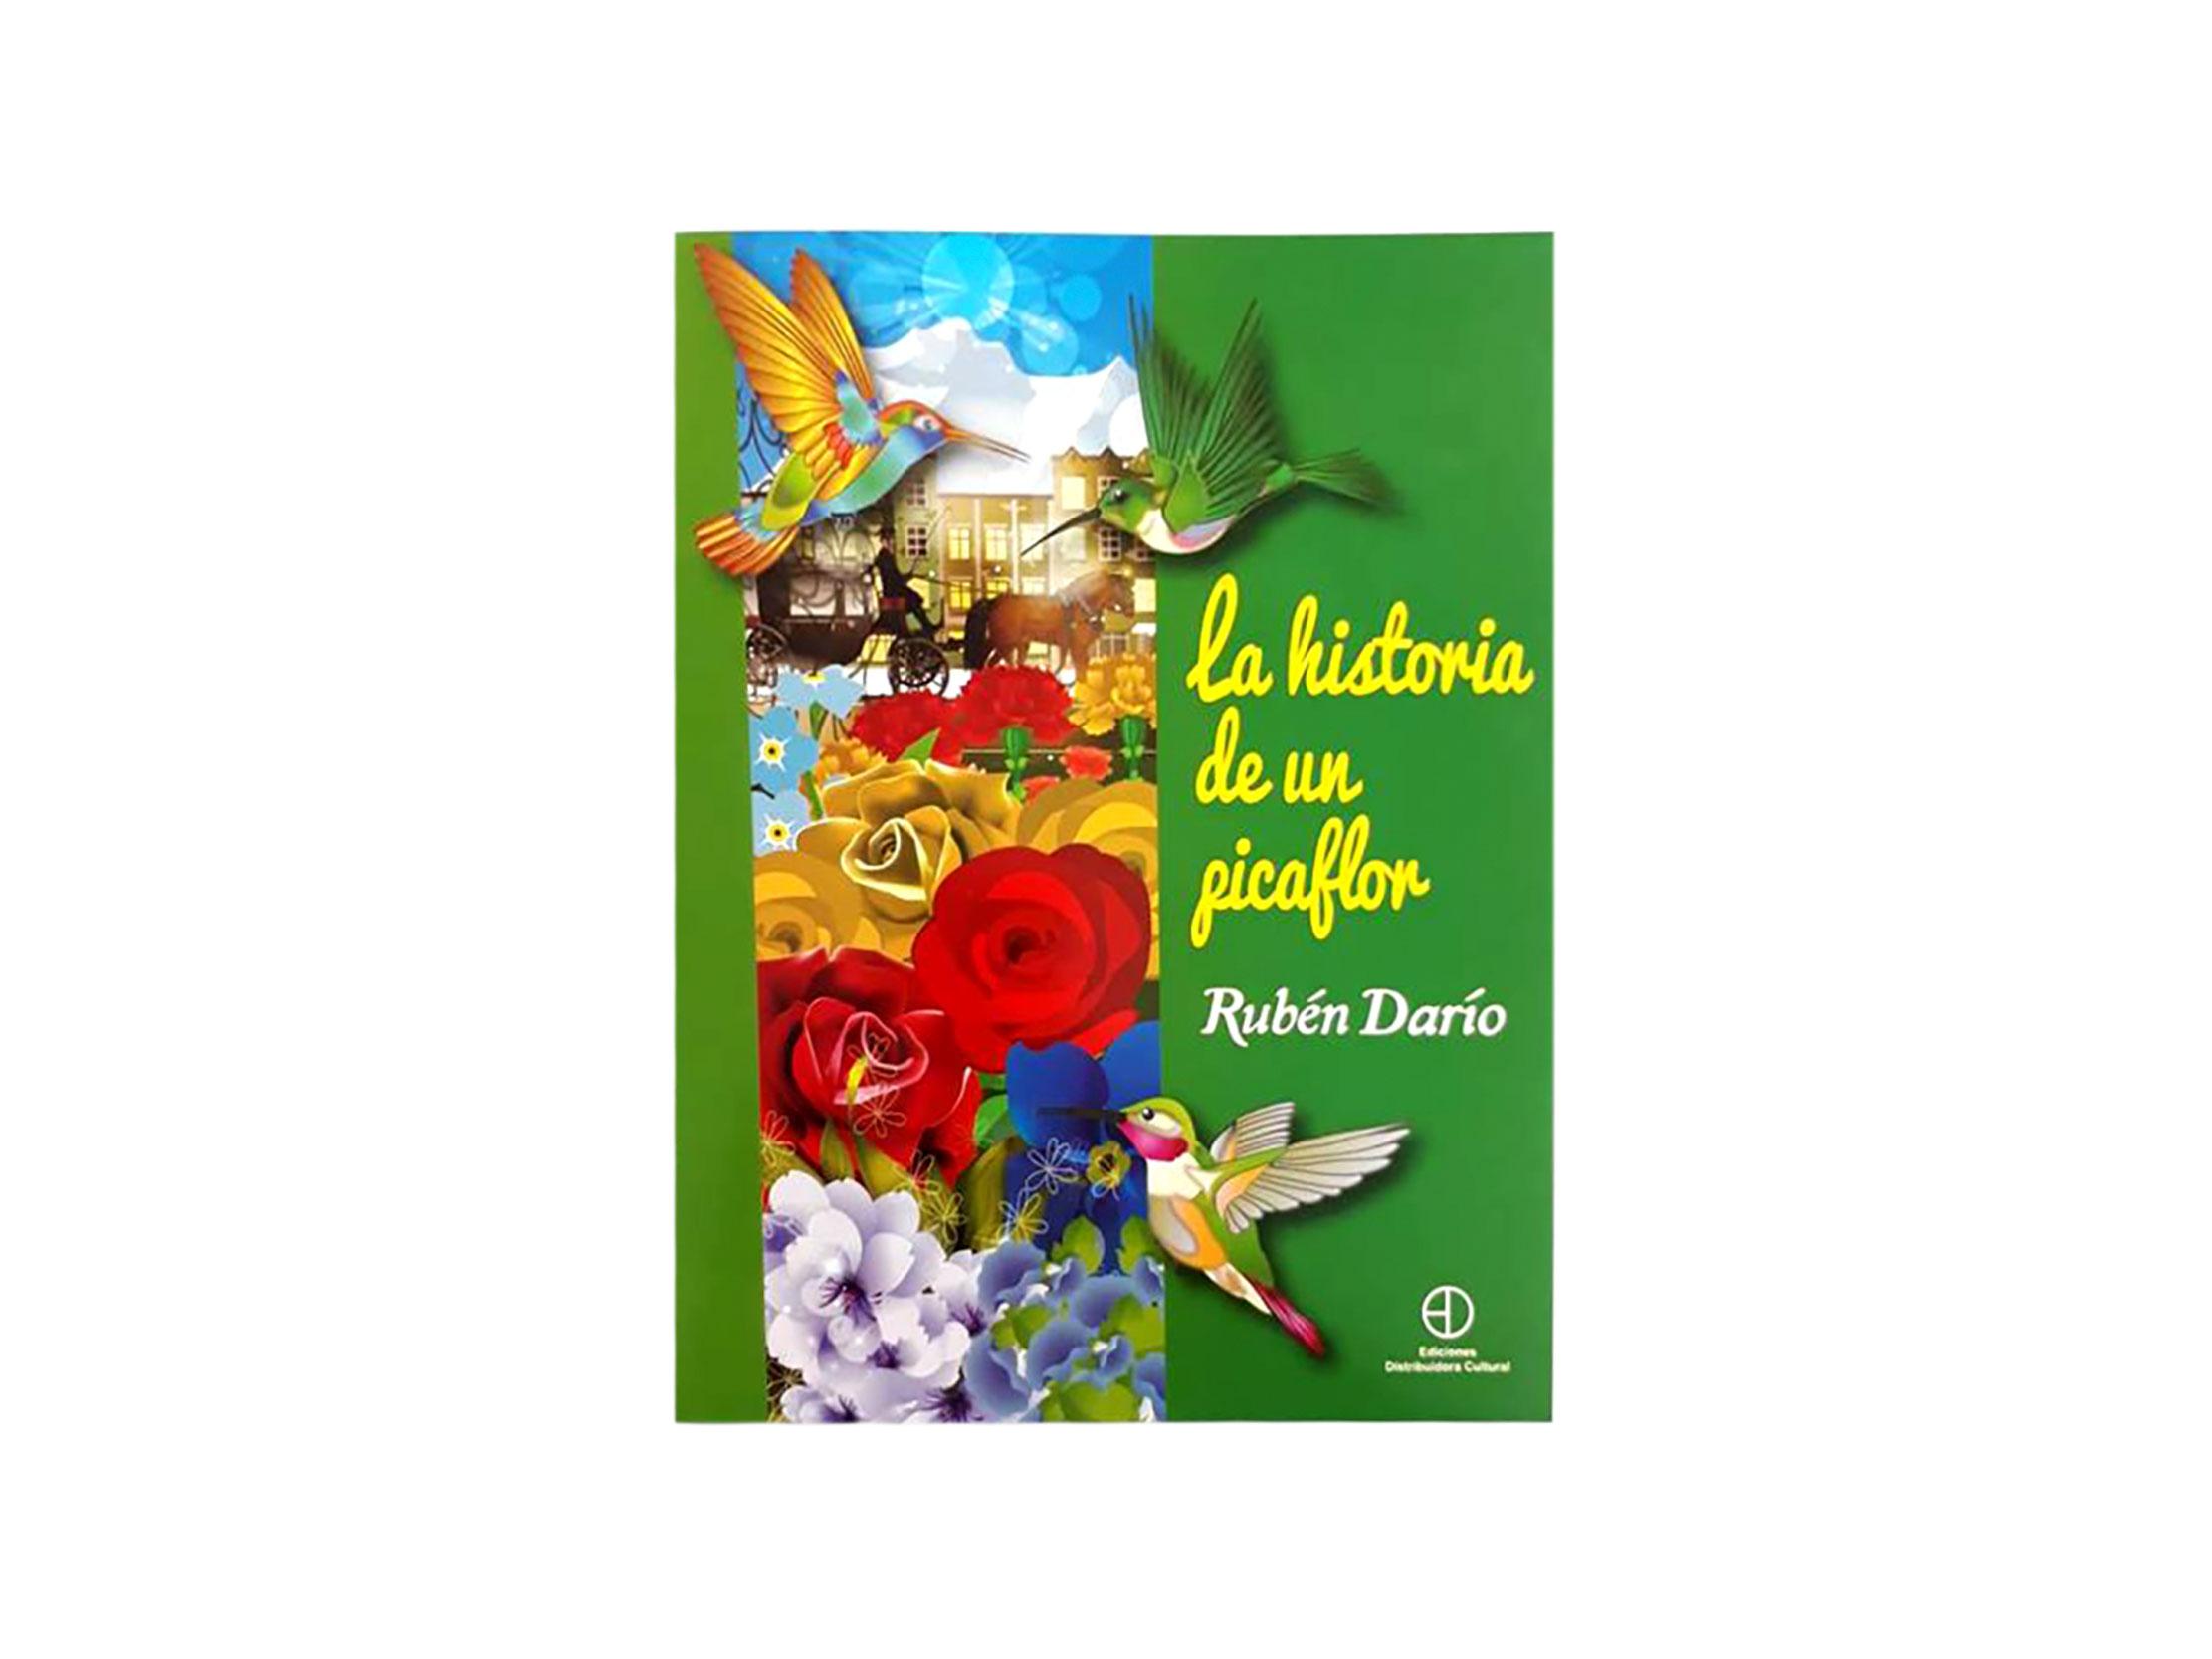 LA HISTORIA DE UN PICAFLOR (R. DARIO)